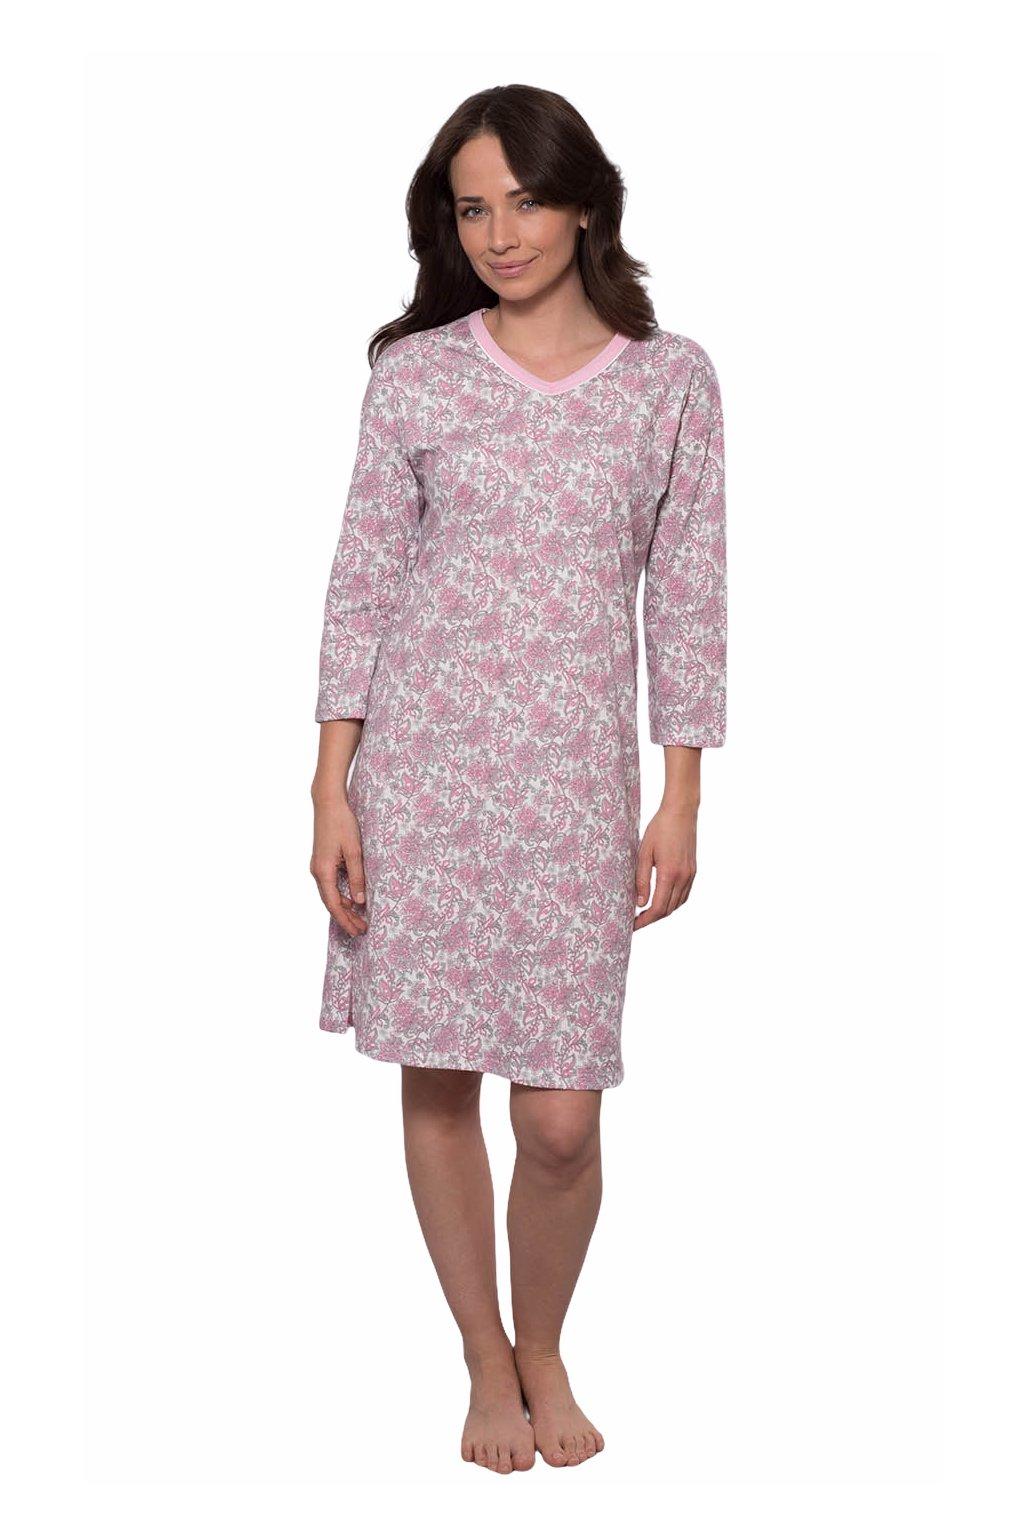 Dámská noční košile s 3/4 rukávem, 104535 242, růžová